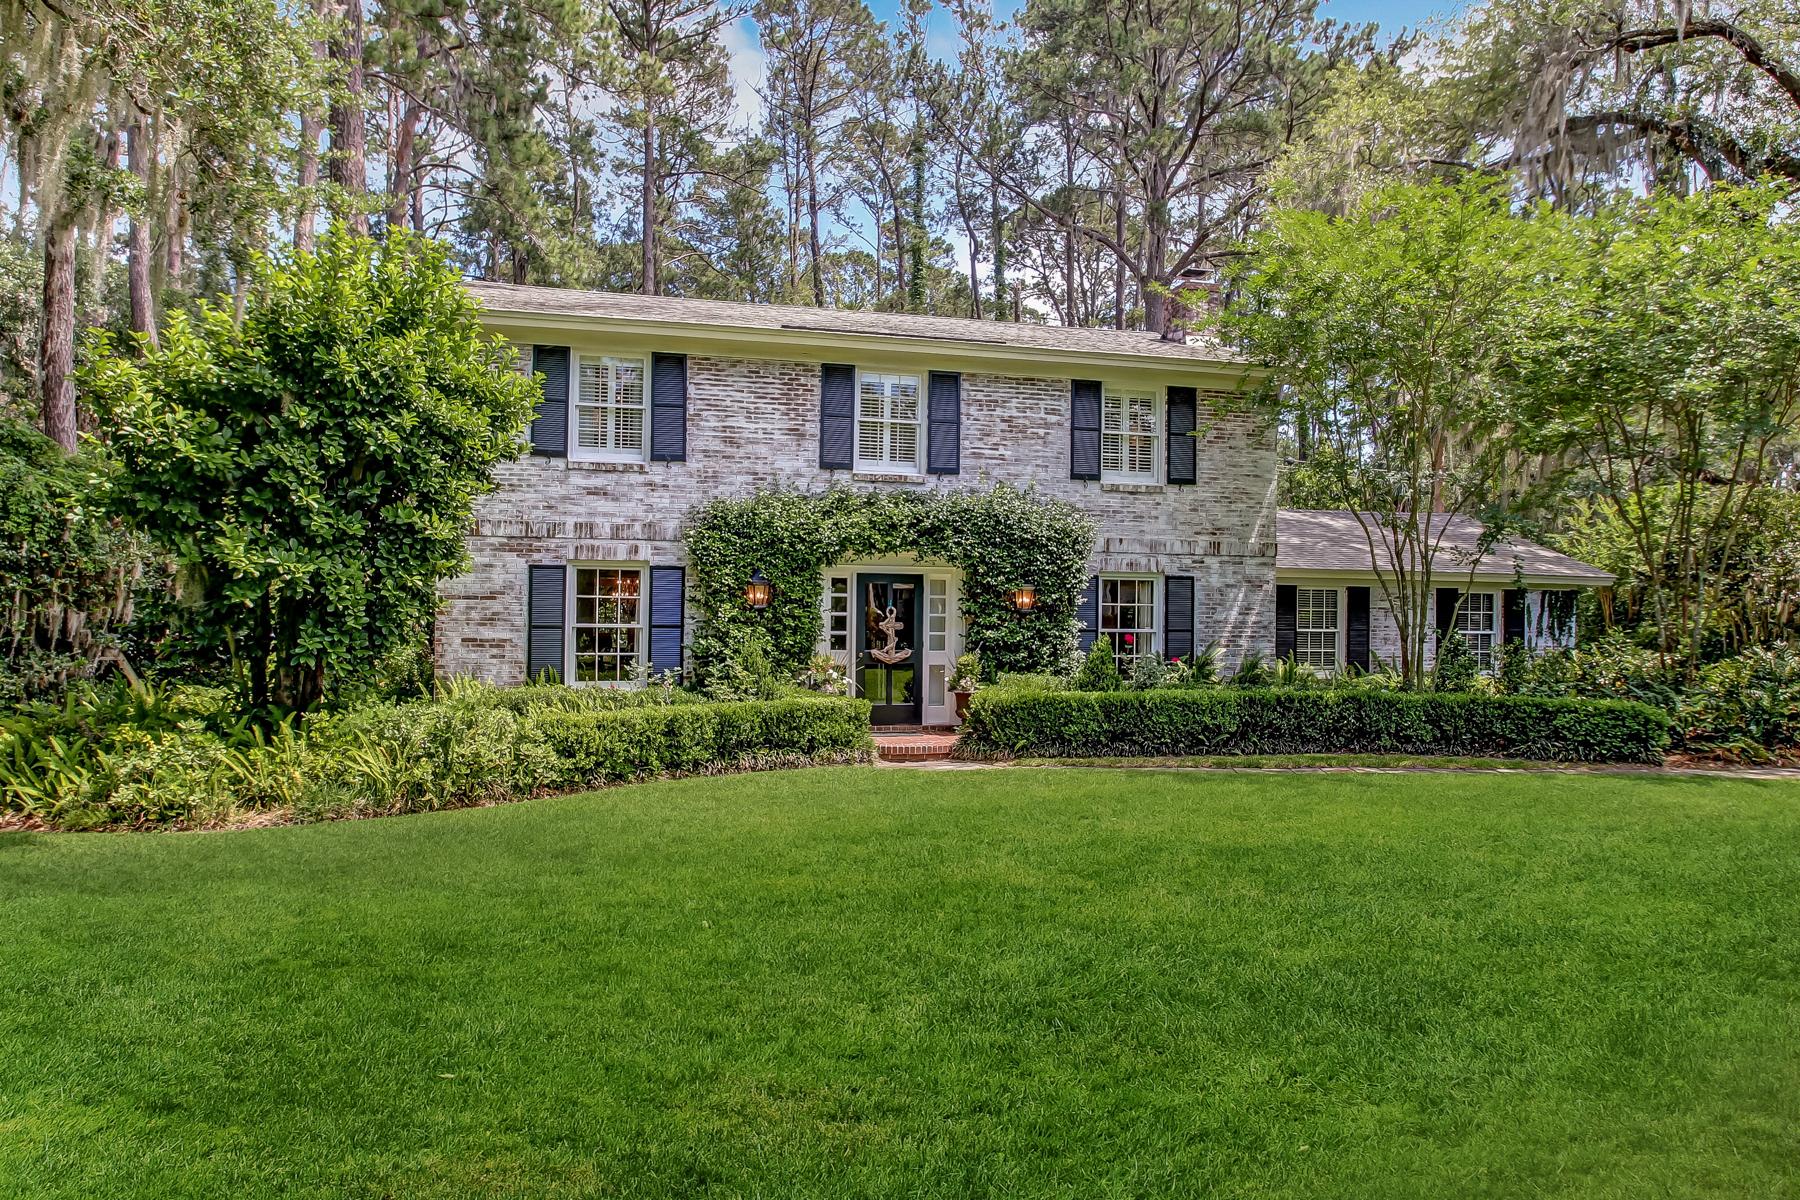 Частный односемейный дом для того Продажа на 721 Bradley Point Road 712 Bradley Point Road Savannah, Джорджия, 31410 Соединенные Штаты